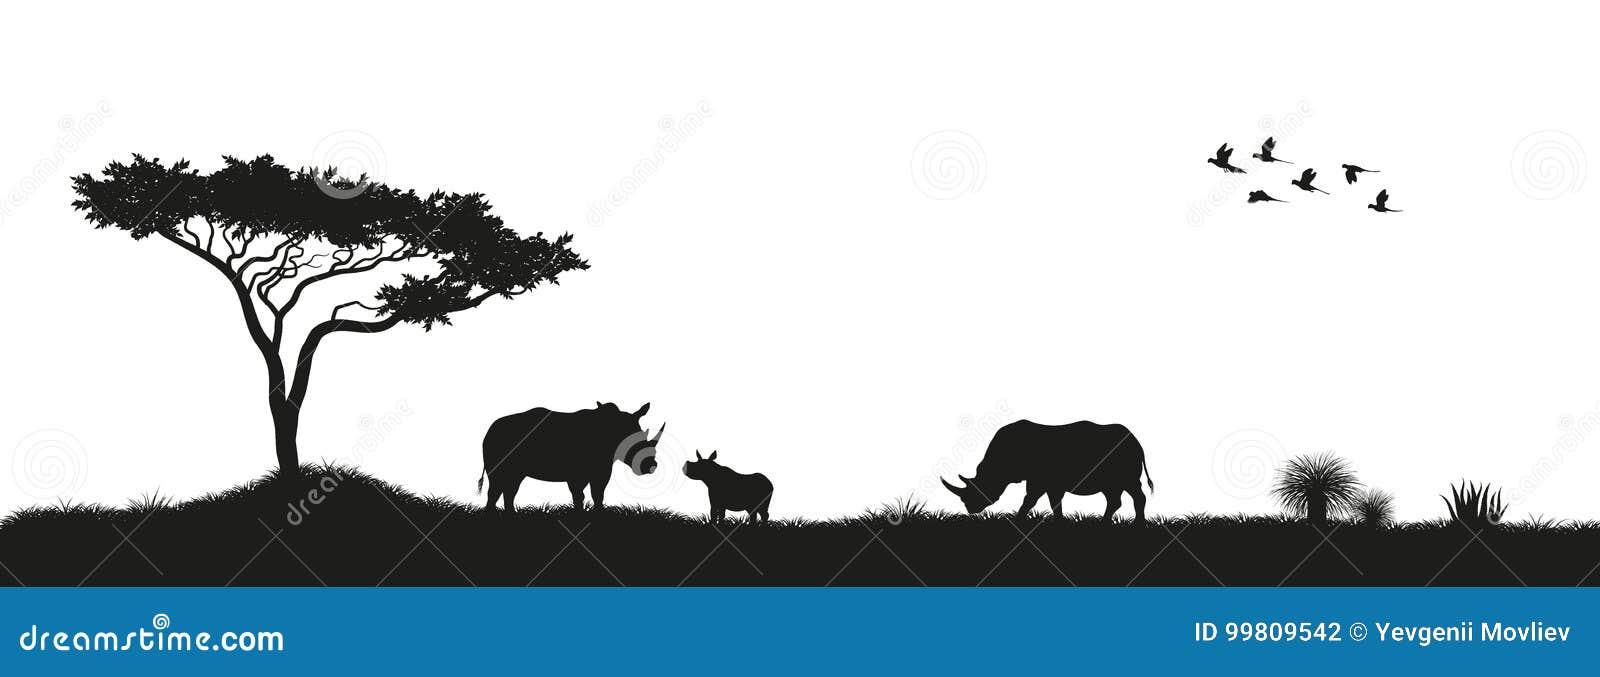 Zwart silhouet van rinocerossen en bomen in savanne Dieren van Afrika Afrikaans Landschap Panorama van wilde aard